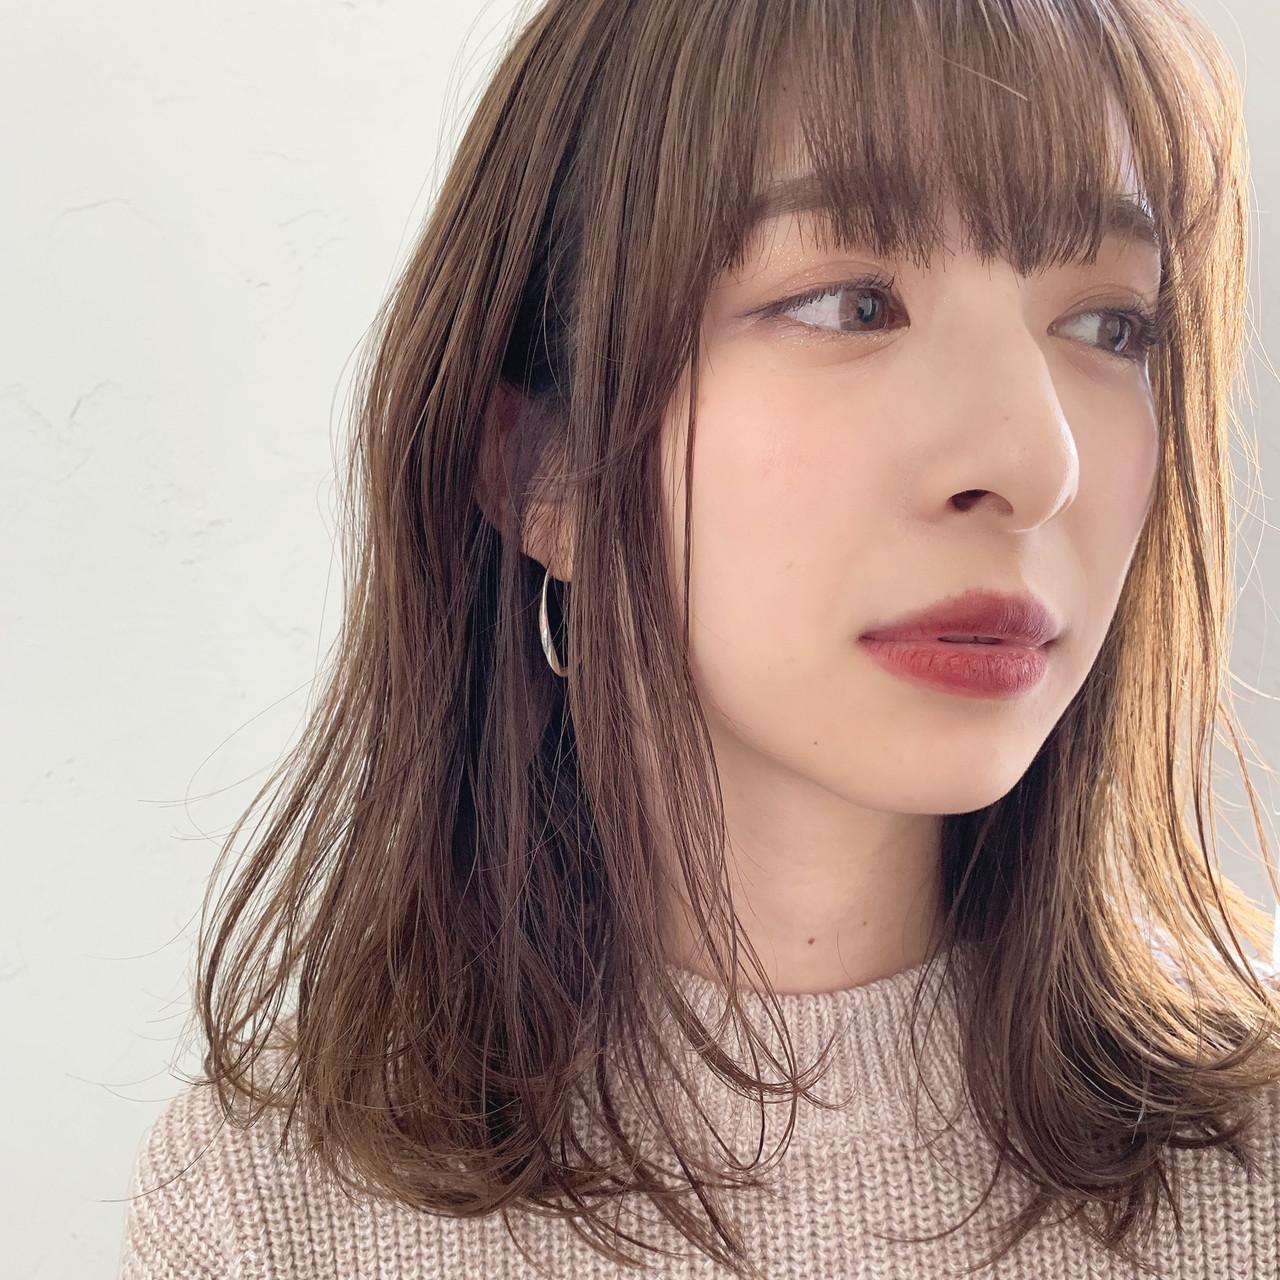 ヘアアレンジ オフィス ミディアム フェミニン ヘアスタイルや髪型の写真・画像 | 信澤貴一【愛され大人可愛いヘア美容師】 / un ami kichijoji